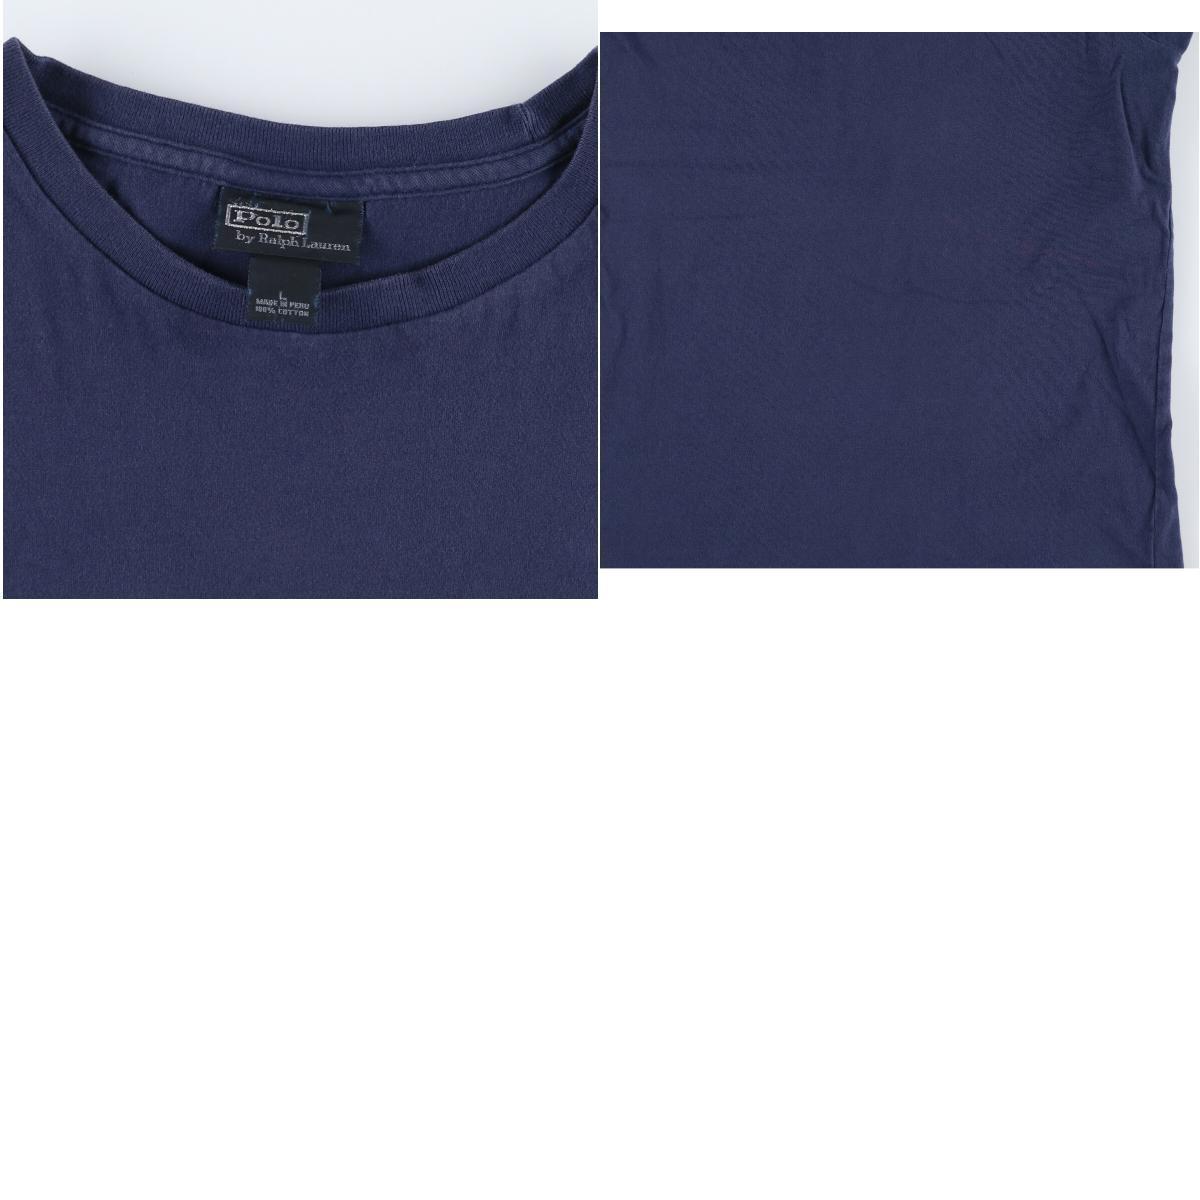 ラルフローレン Ralph Lauren POLO by Ralph Lauren 半袖 ワンポイントロゴTシャツ メンズL /eaa167039_画像3